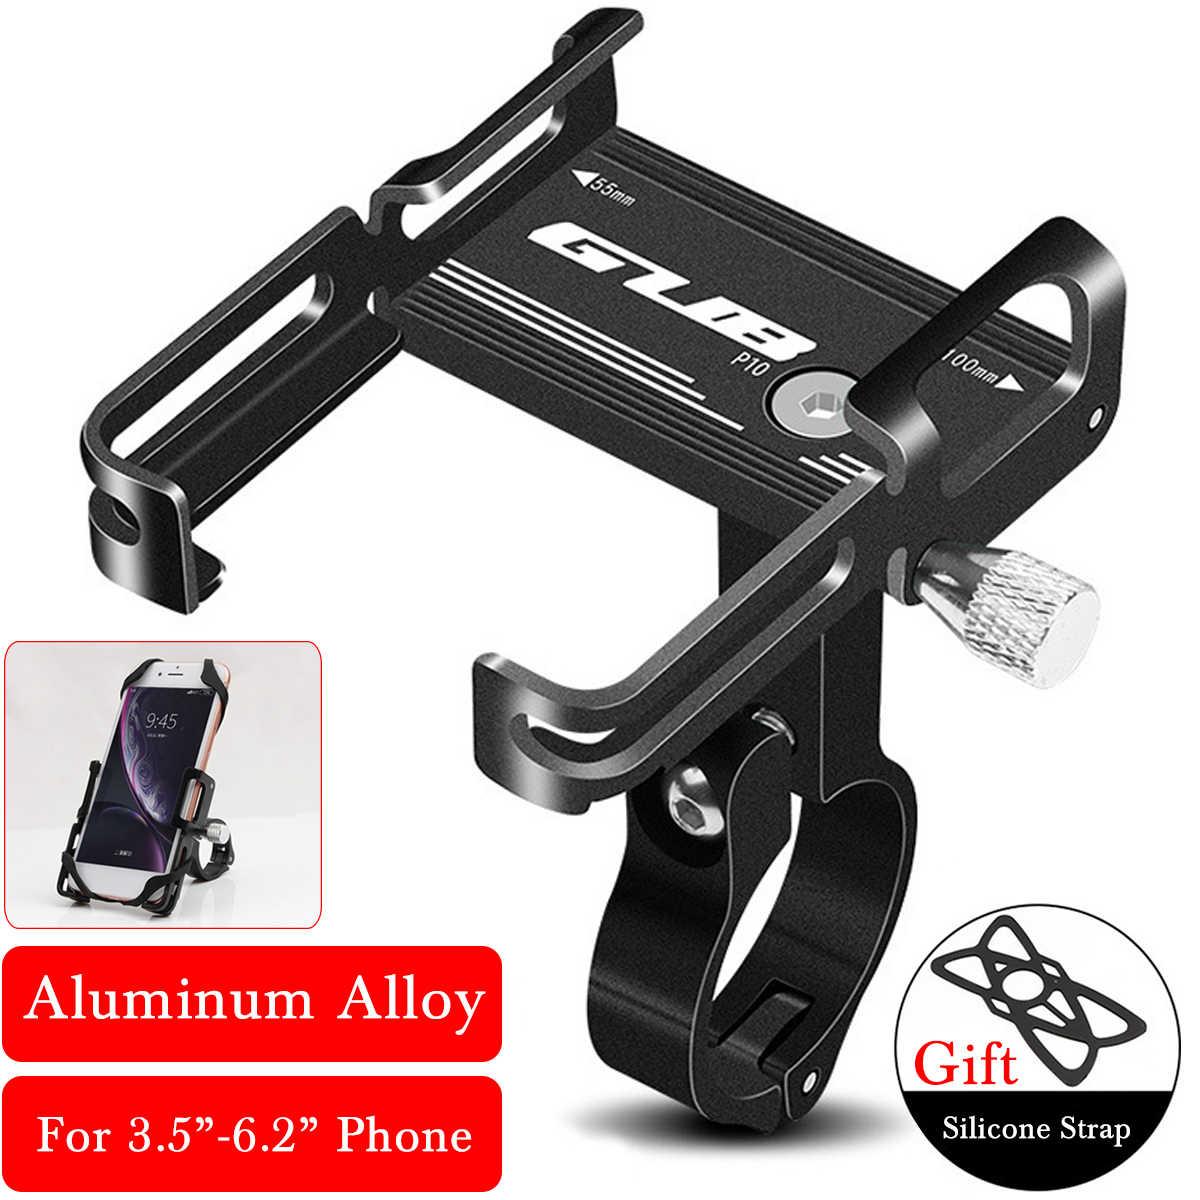 Универсальный алюминиевый держатель для телефона на велосипед, велосипед, держатель для телефона, подставка, противоскользящий зажим на руль мотоцикла для телефона 3,5-7,5 дюйма